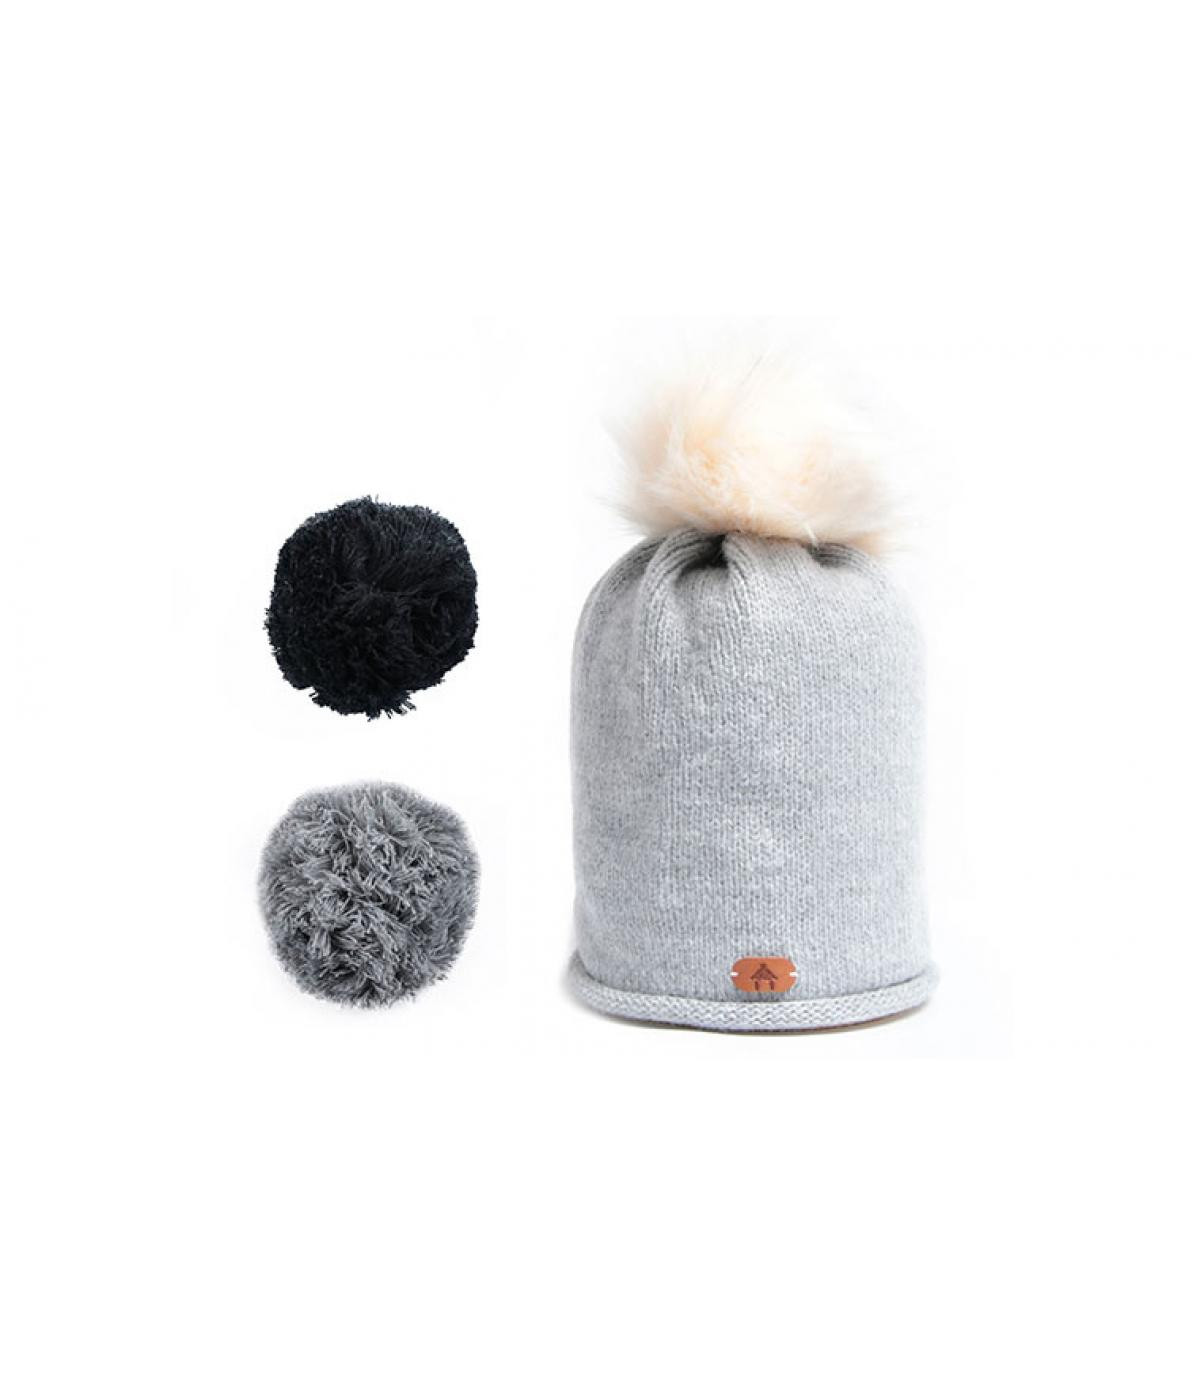 Mütze austauschbaren Bommel grau